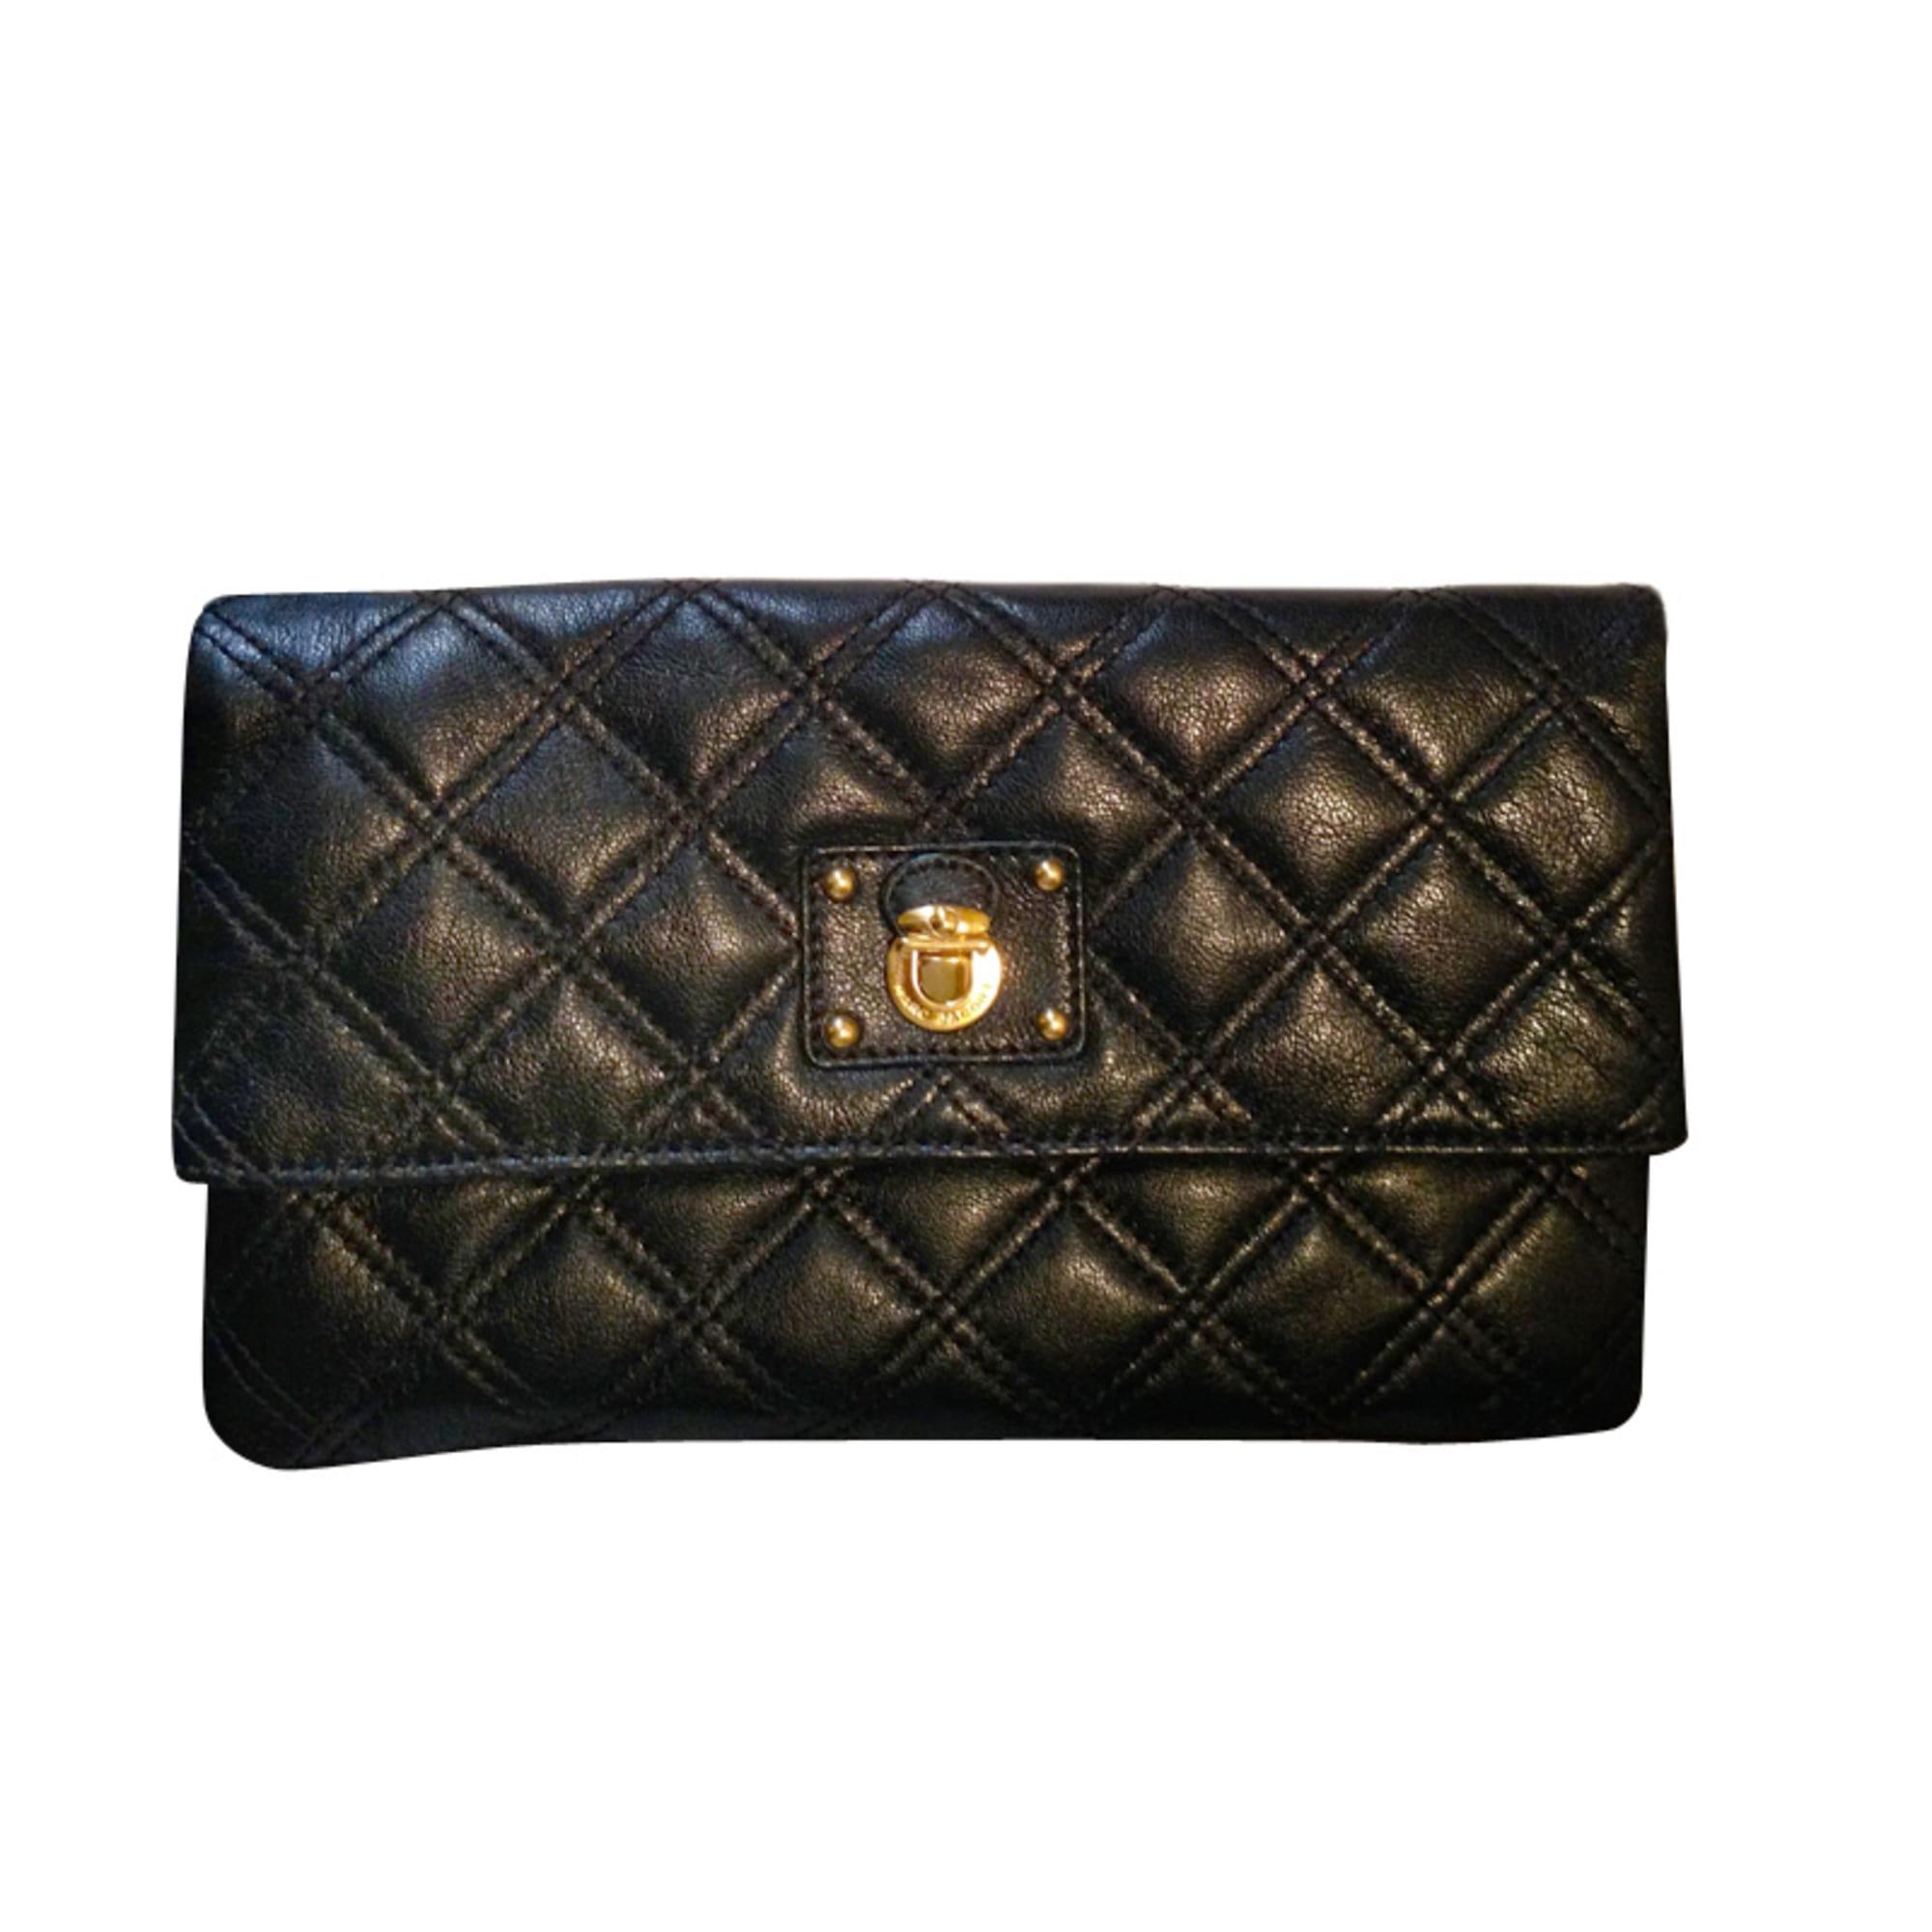 Pochette MARC JACOBS noir vendu par Charlotte007209339 - 2767597 c23e9adcf9c